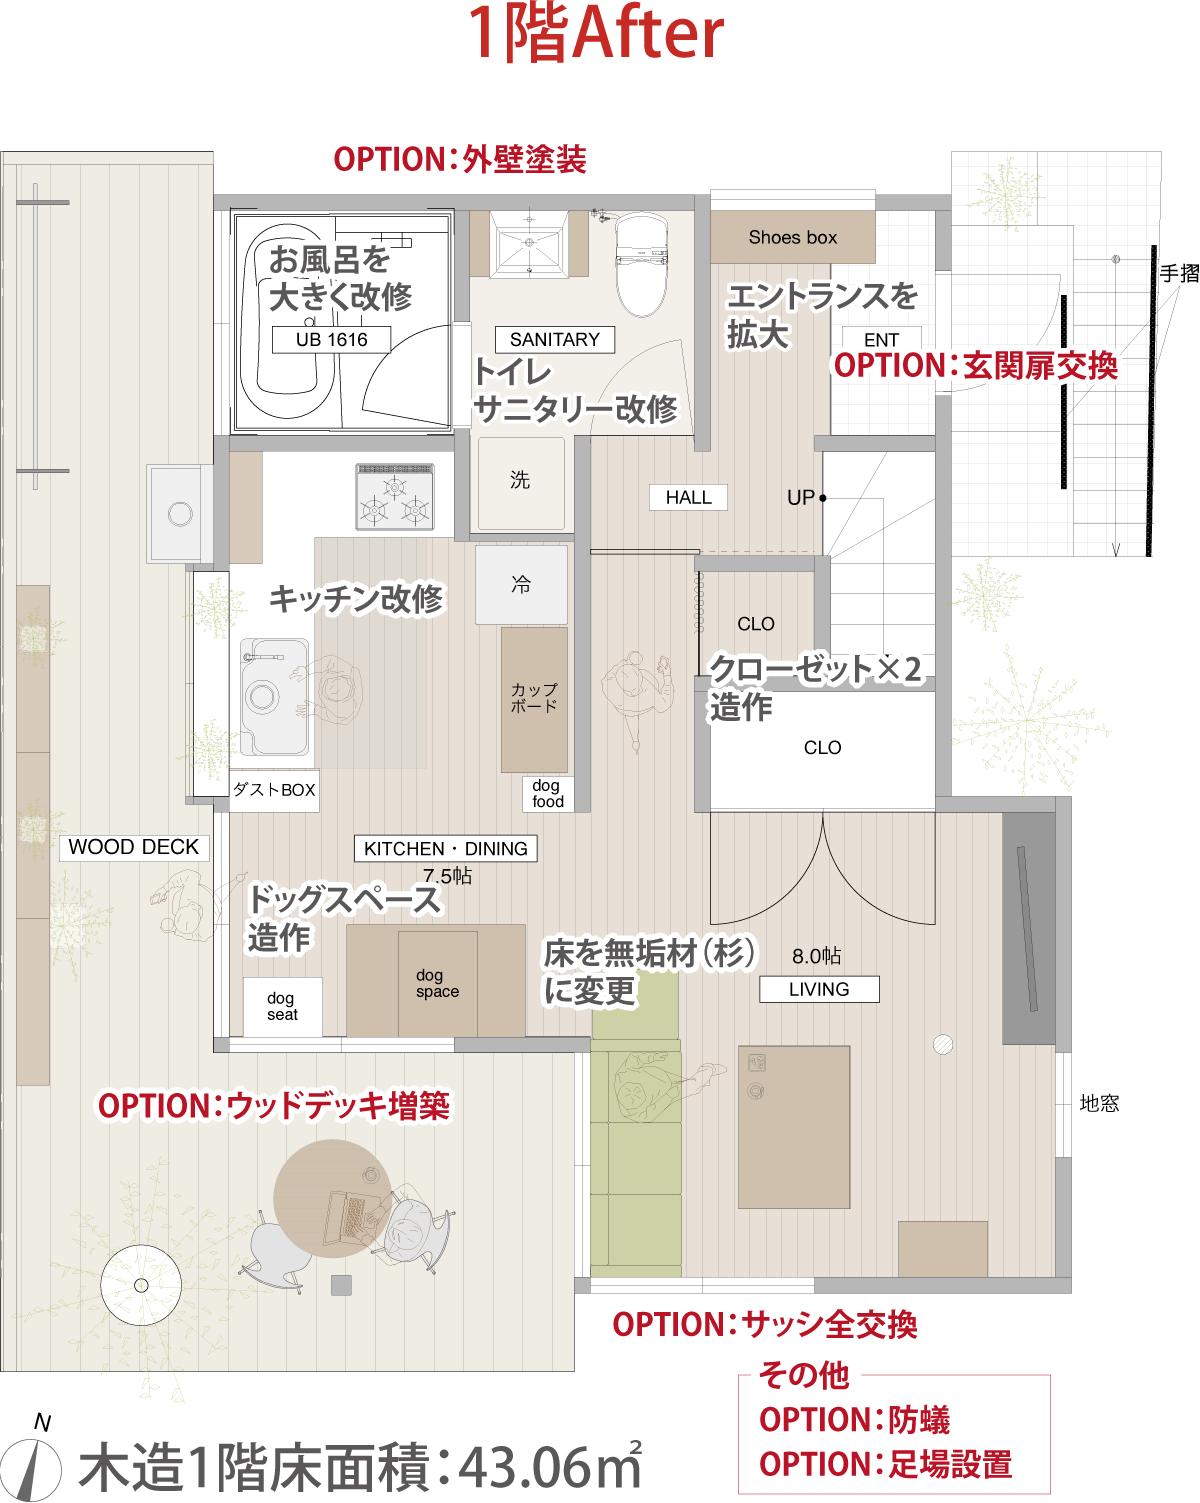 renovation-plus-op-af1